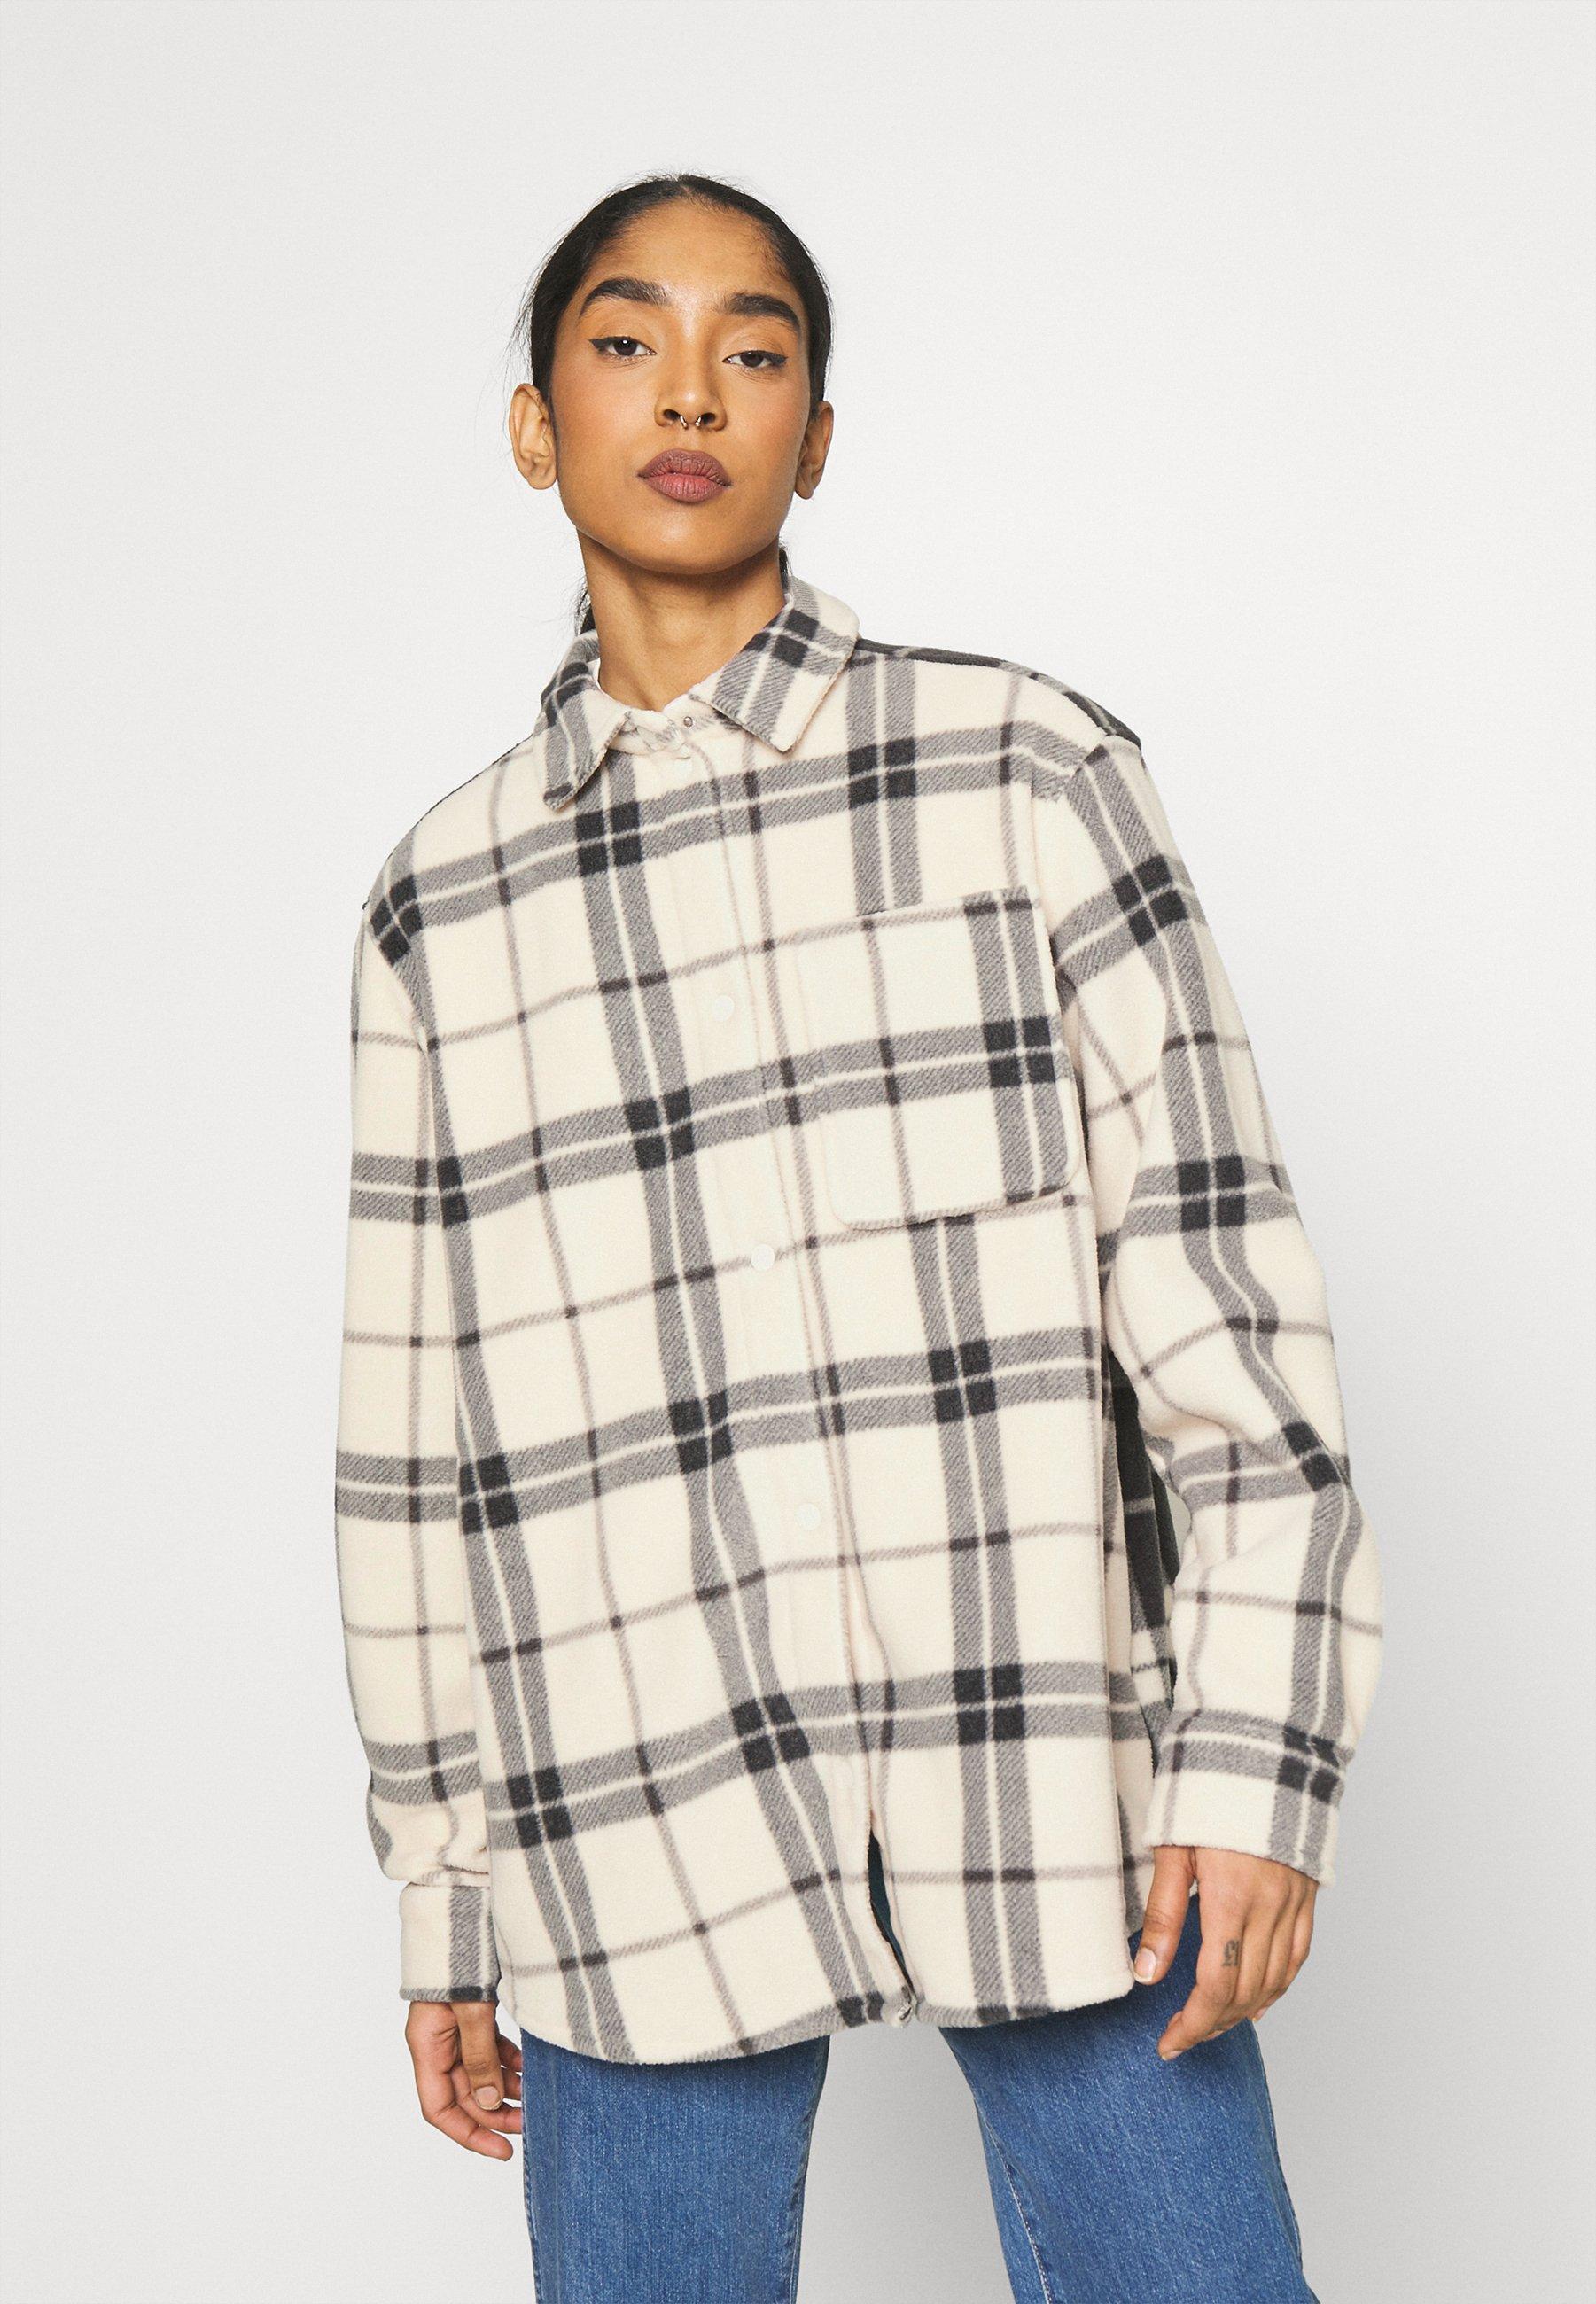 Women BESS - Fleece jacket - black/white